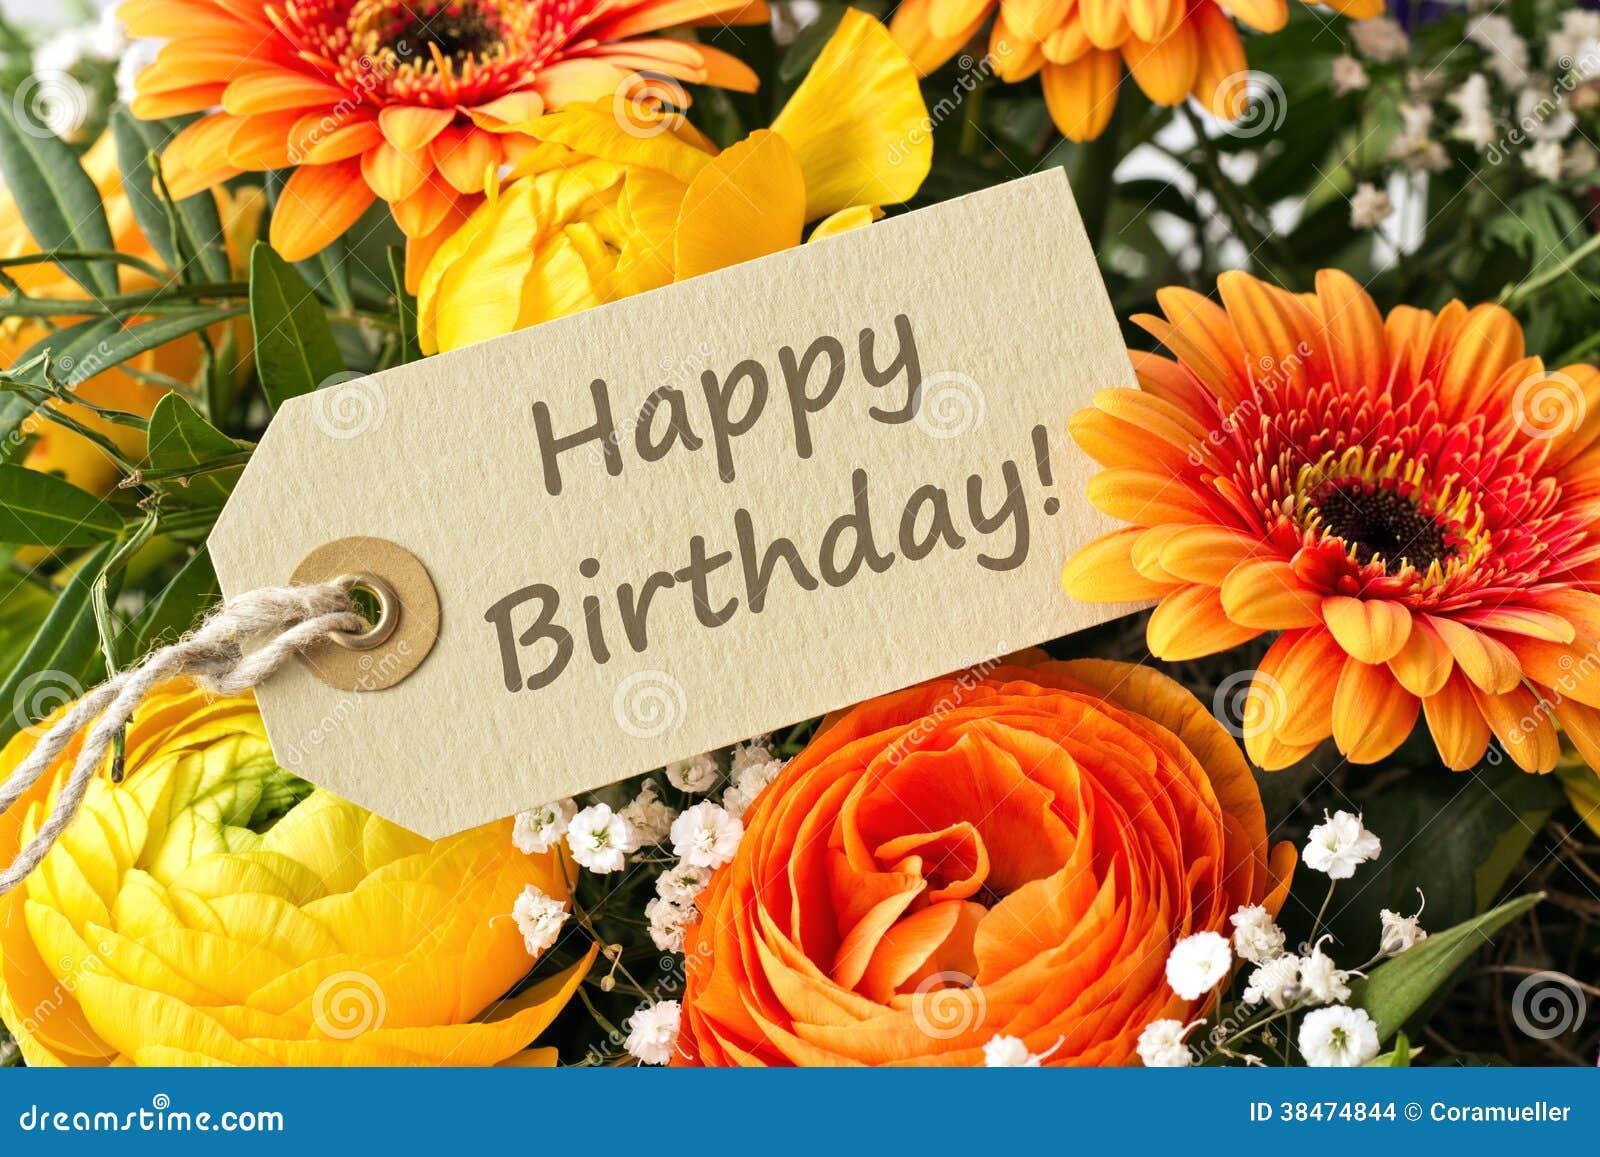 Conosciuto Buon compleanno fotografia stock. Immagine di fiori, felice - 38474844 QK82